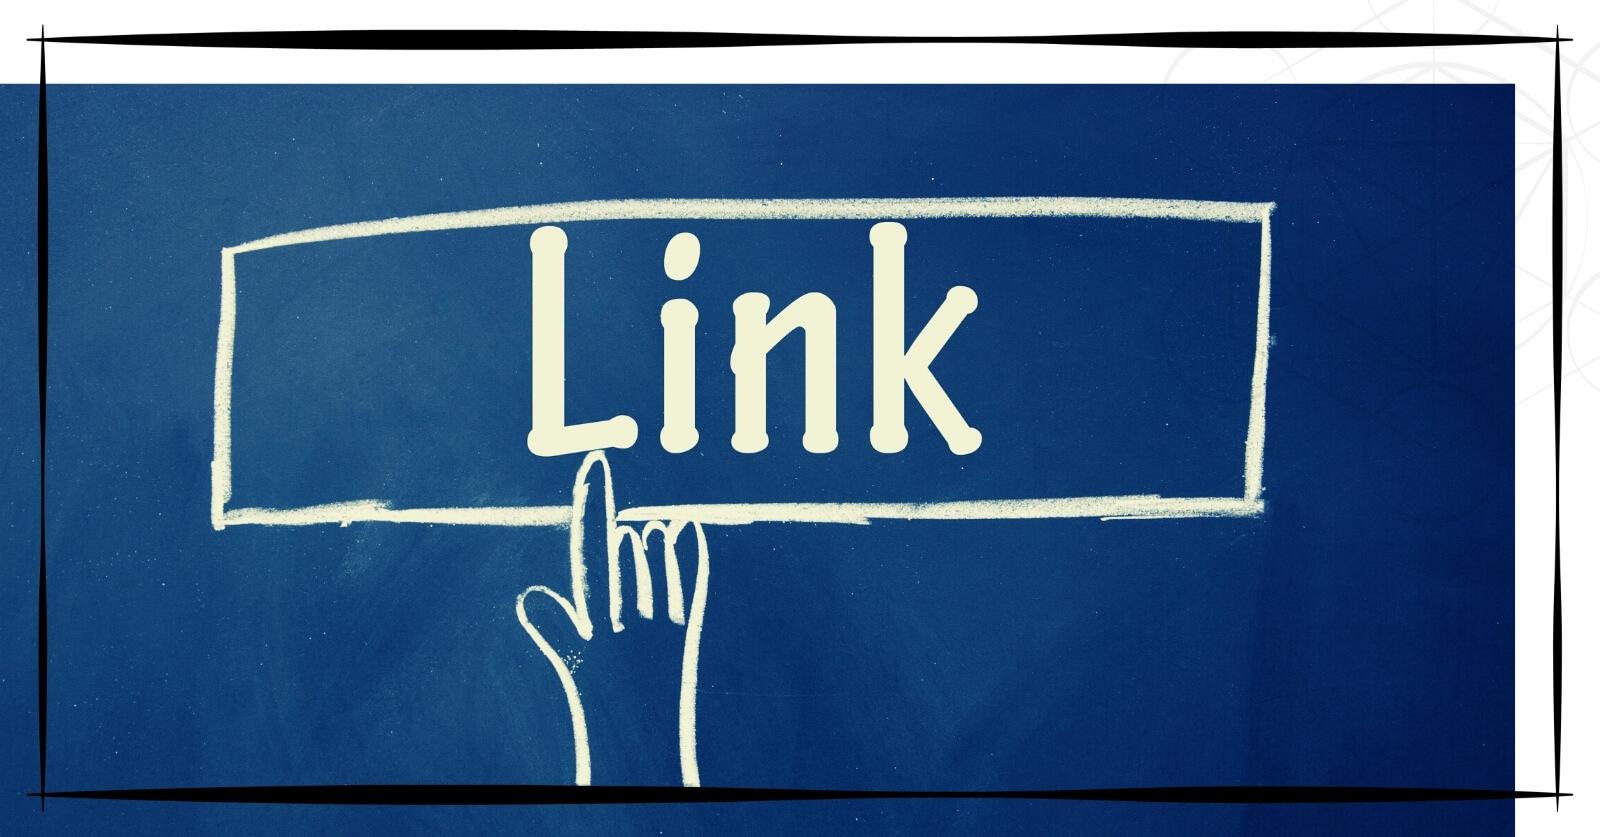 """Bild zeigt eine gezeichnete Hand, die auf ein Rechteck mit dem Wort """"Link"""" zeigt."""